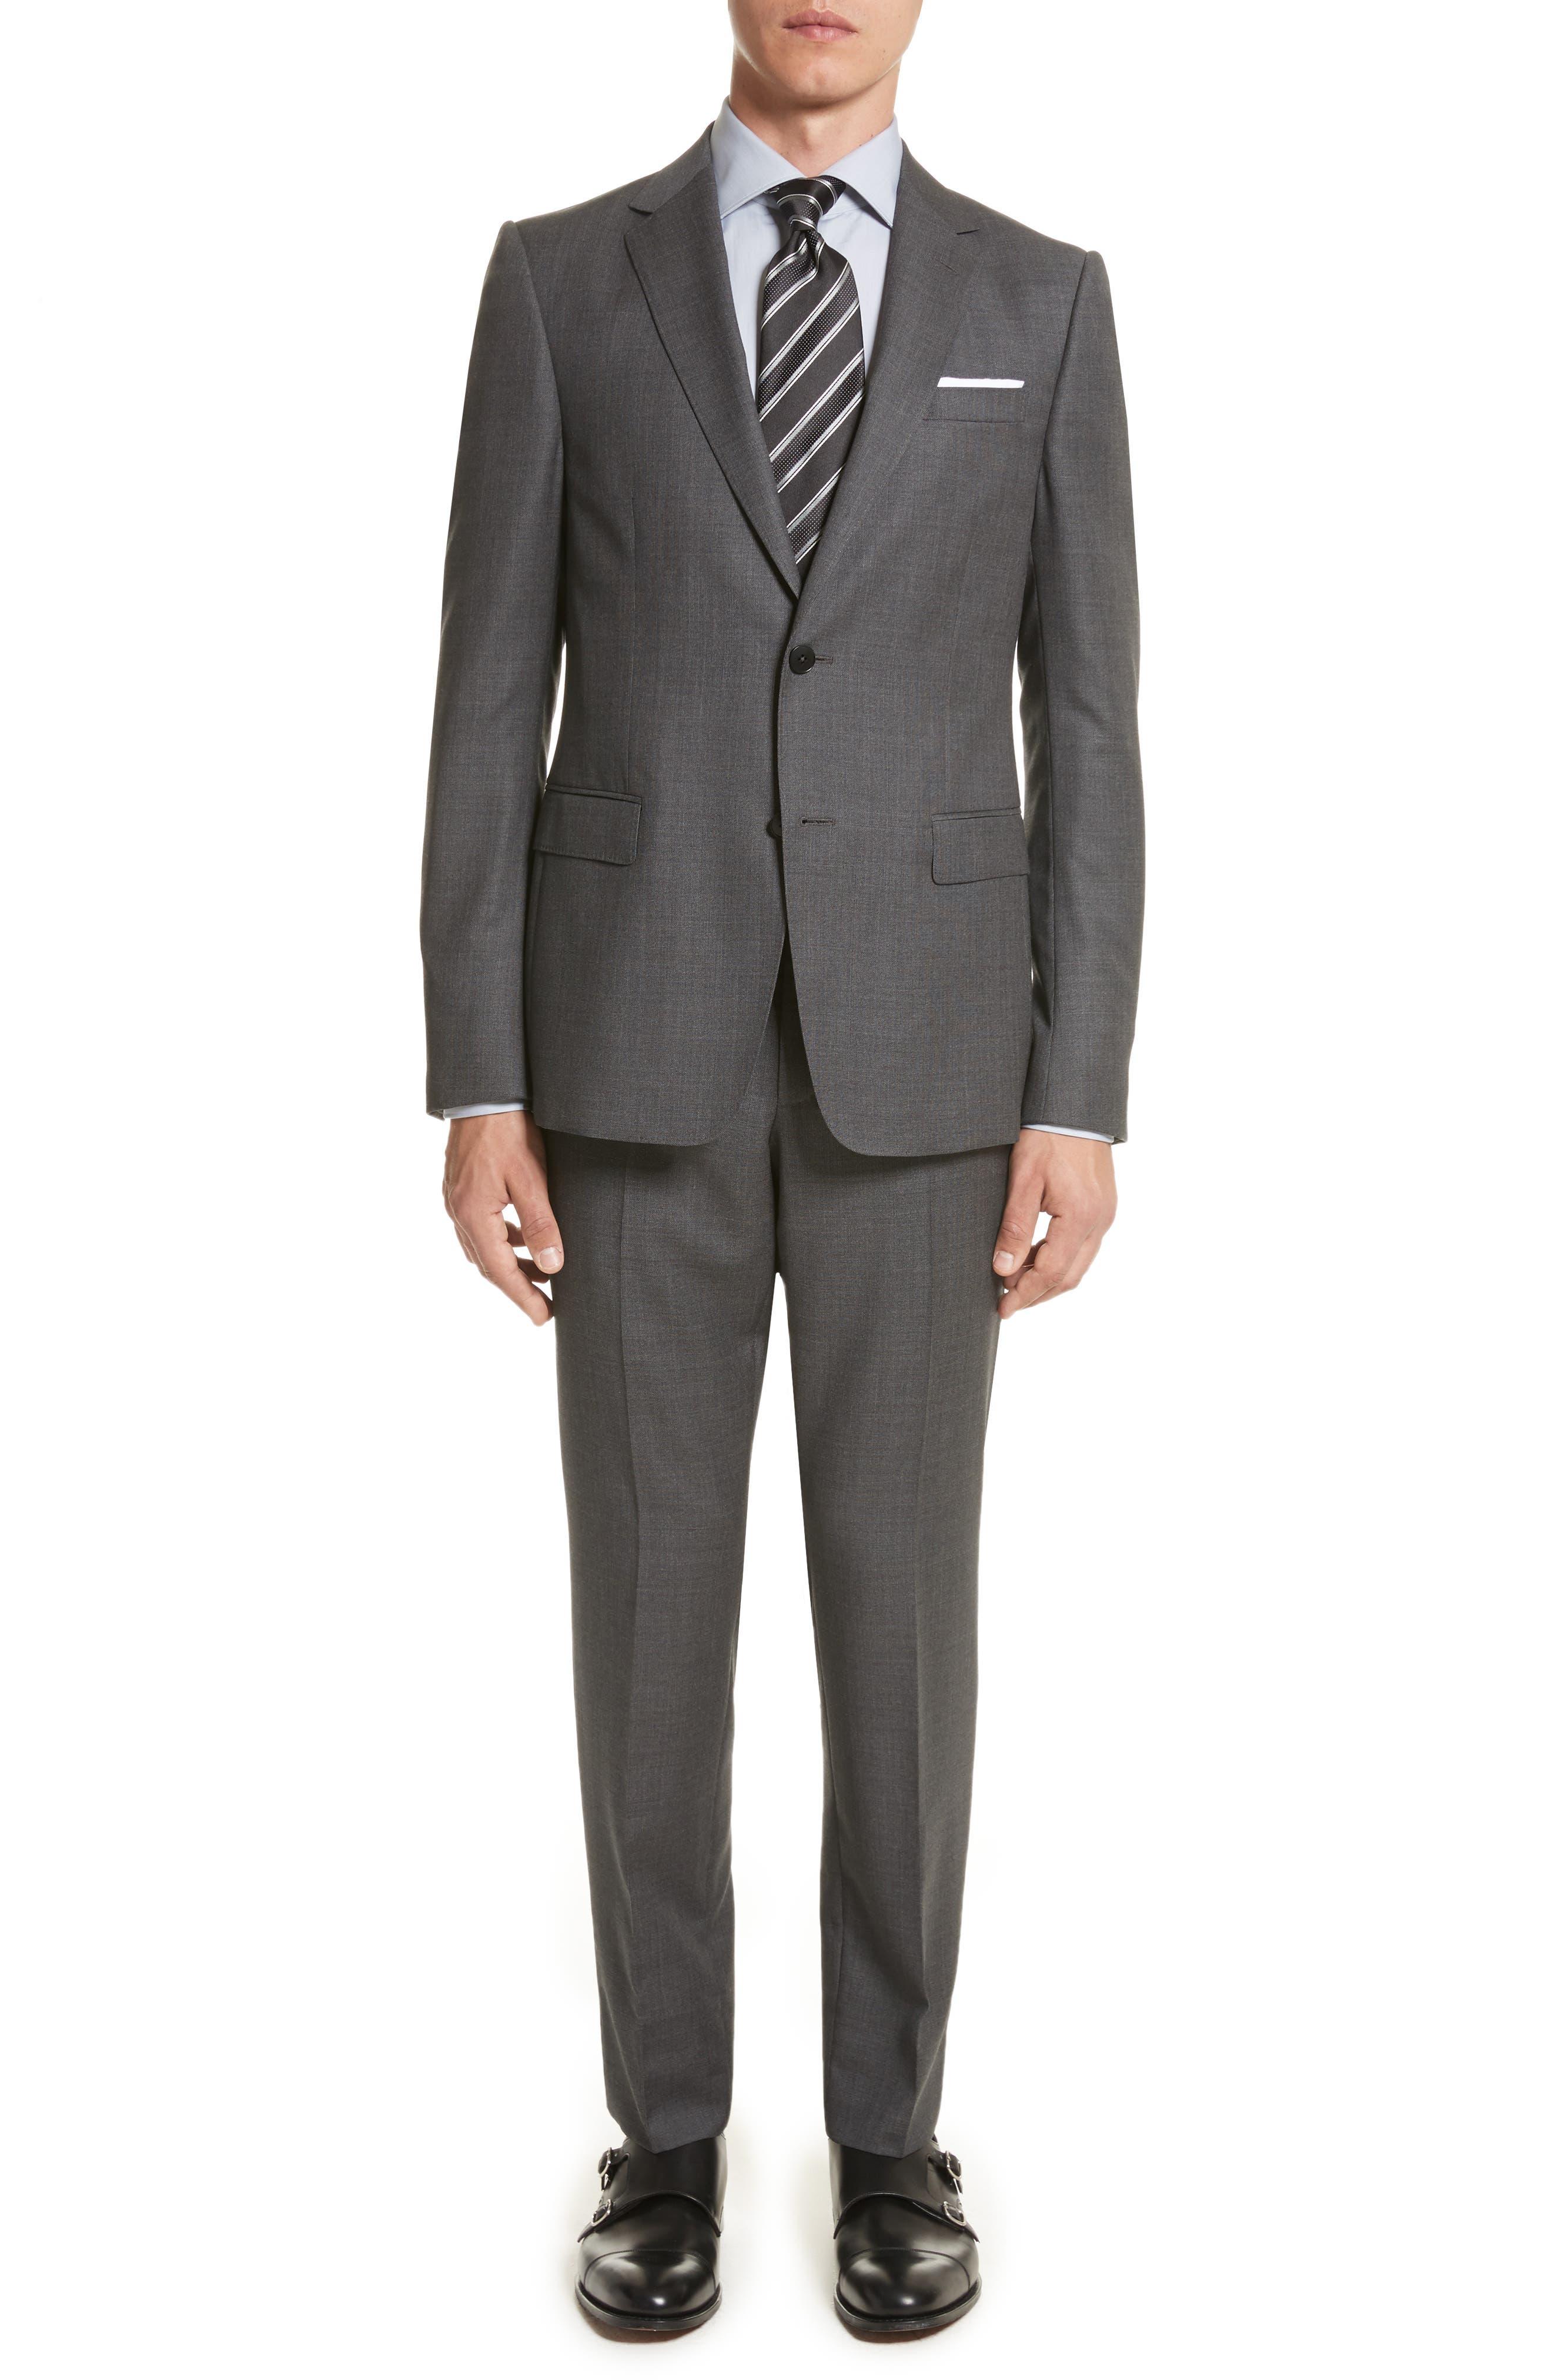 Z ZEGNA,                             Classic Fit Wool Suit,                             Main thumbnail 1, color,                             022